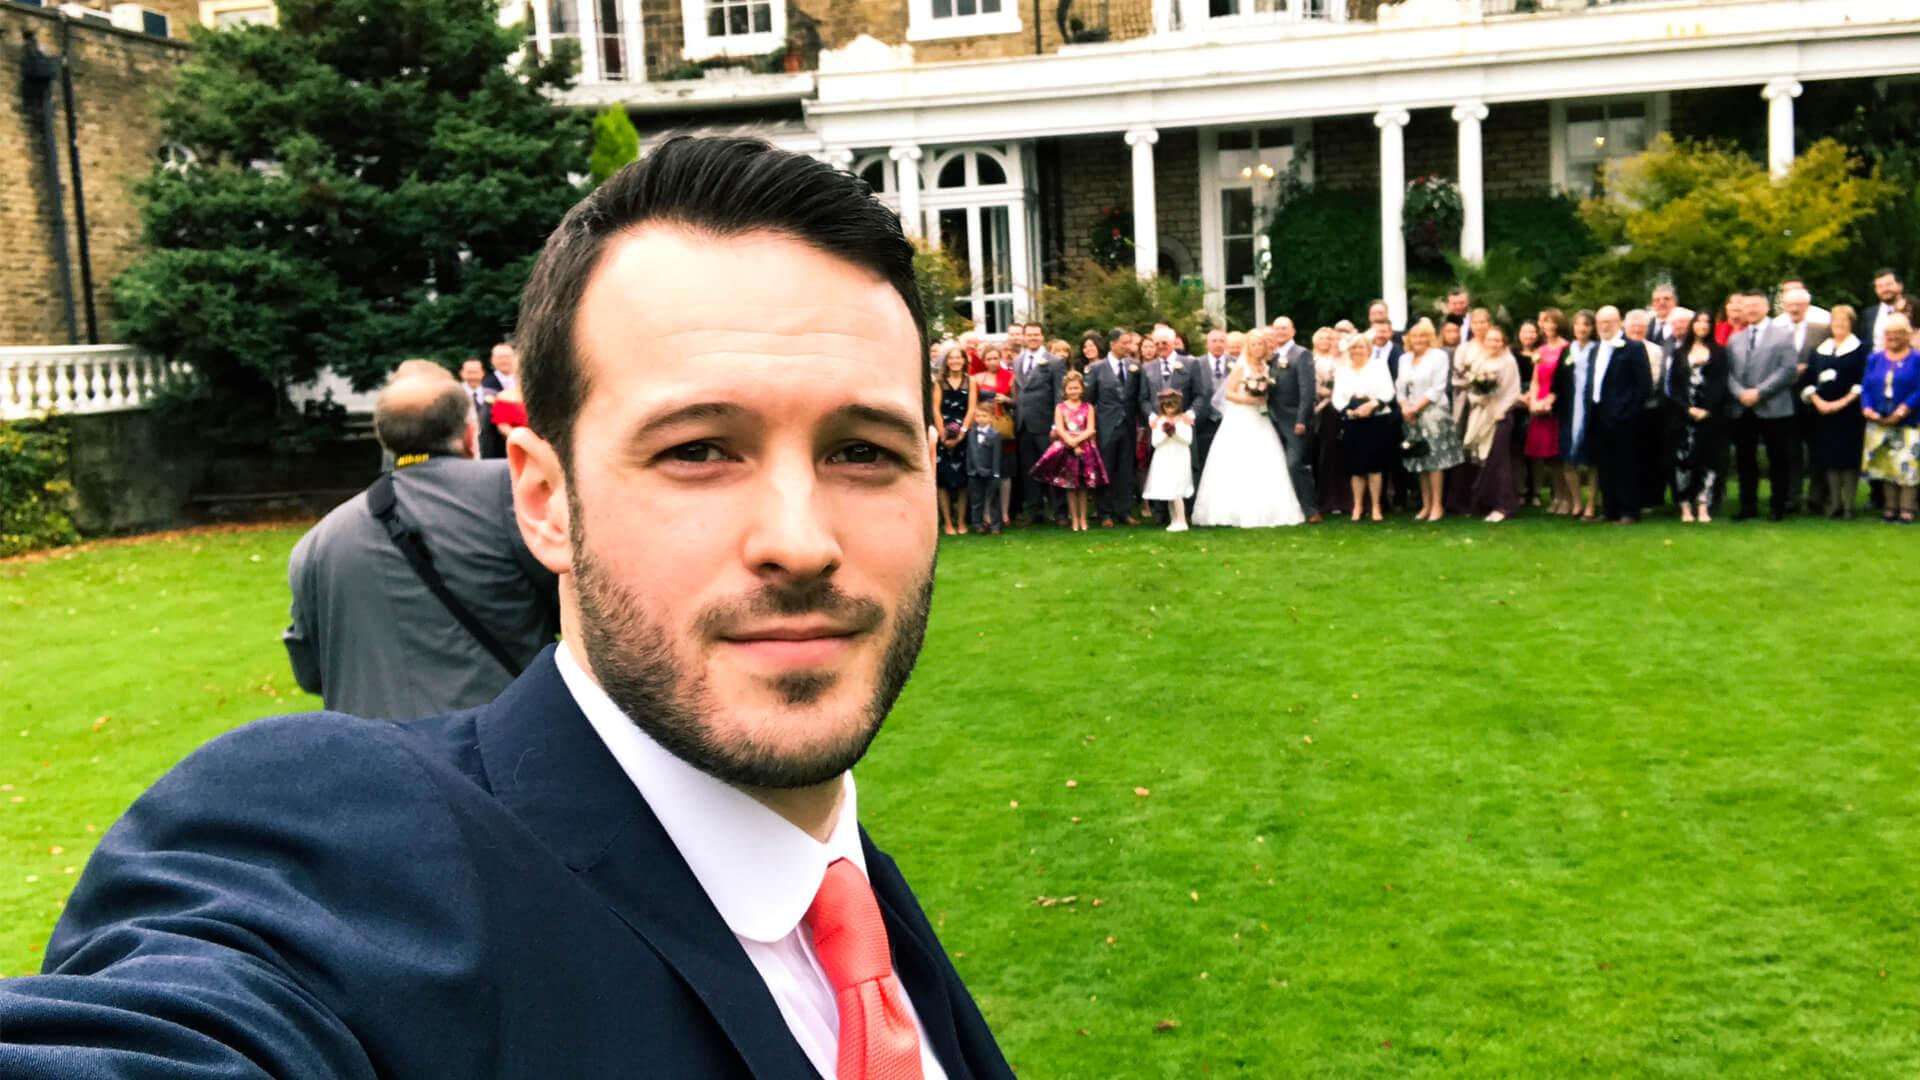 manchester wedding magician aaron calvert taking a selfie